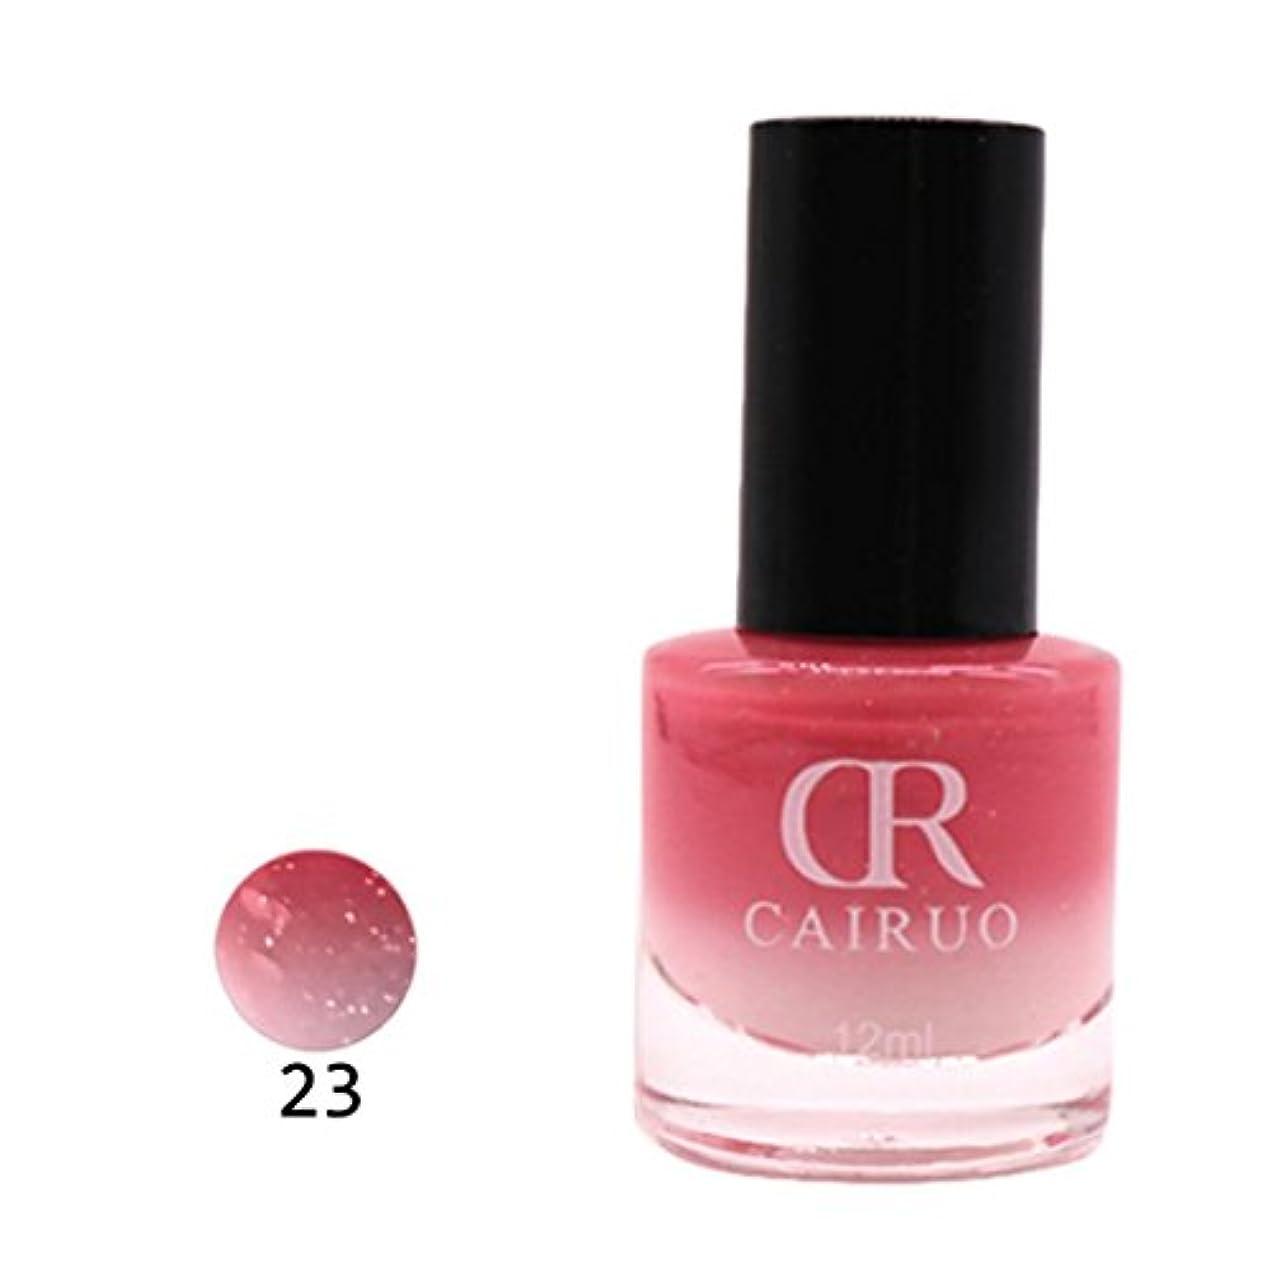 パシフィックサイト化合物ネイルカラー BOBOGOJP 26選 色のバリエーション豊富 透明感 マニキュア 人気 流行 塗りやすい 速乾 nail 指先 爪先 ネイル用 温度にり色が変わるネイルポリッシュ (W)